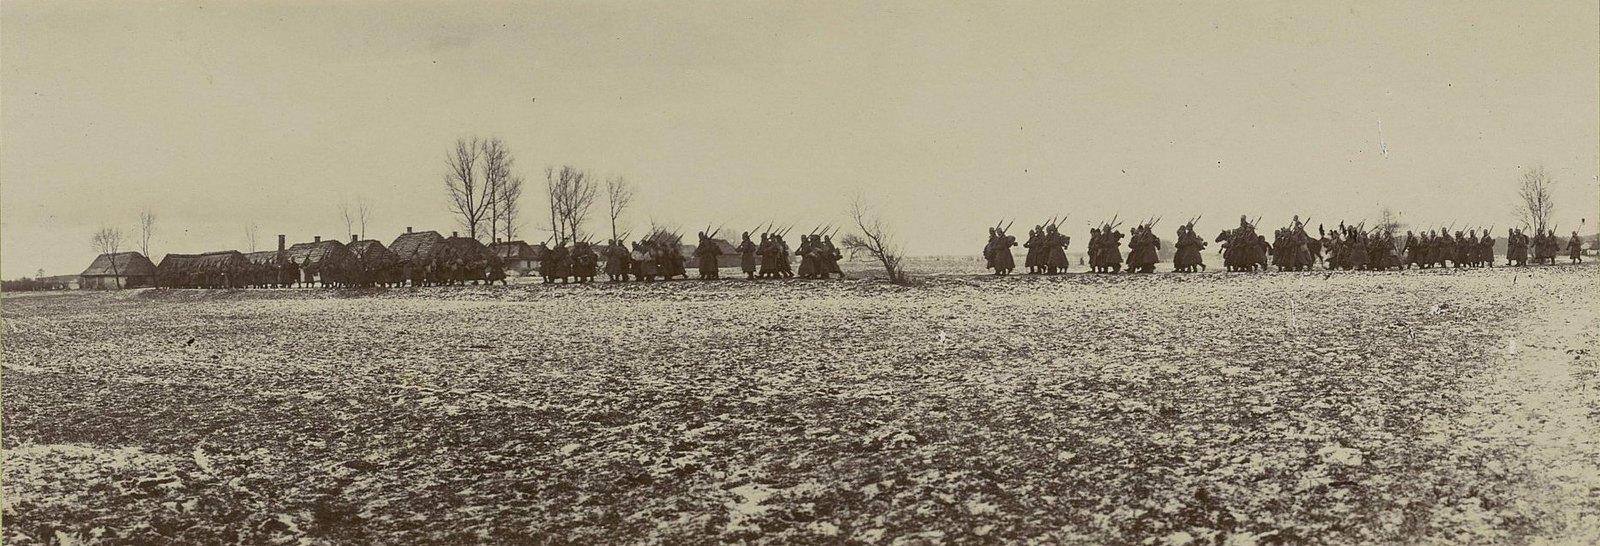 118. Прибытие молодых солдат к сел. Мыслеброж